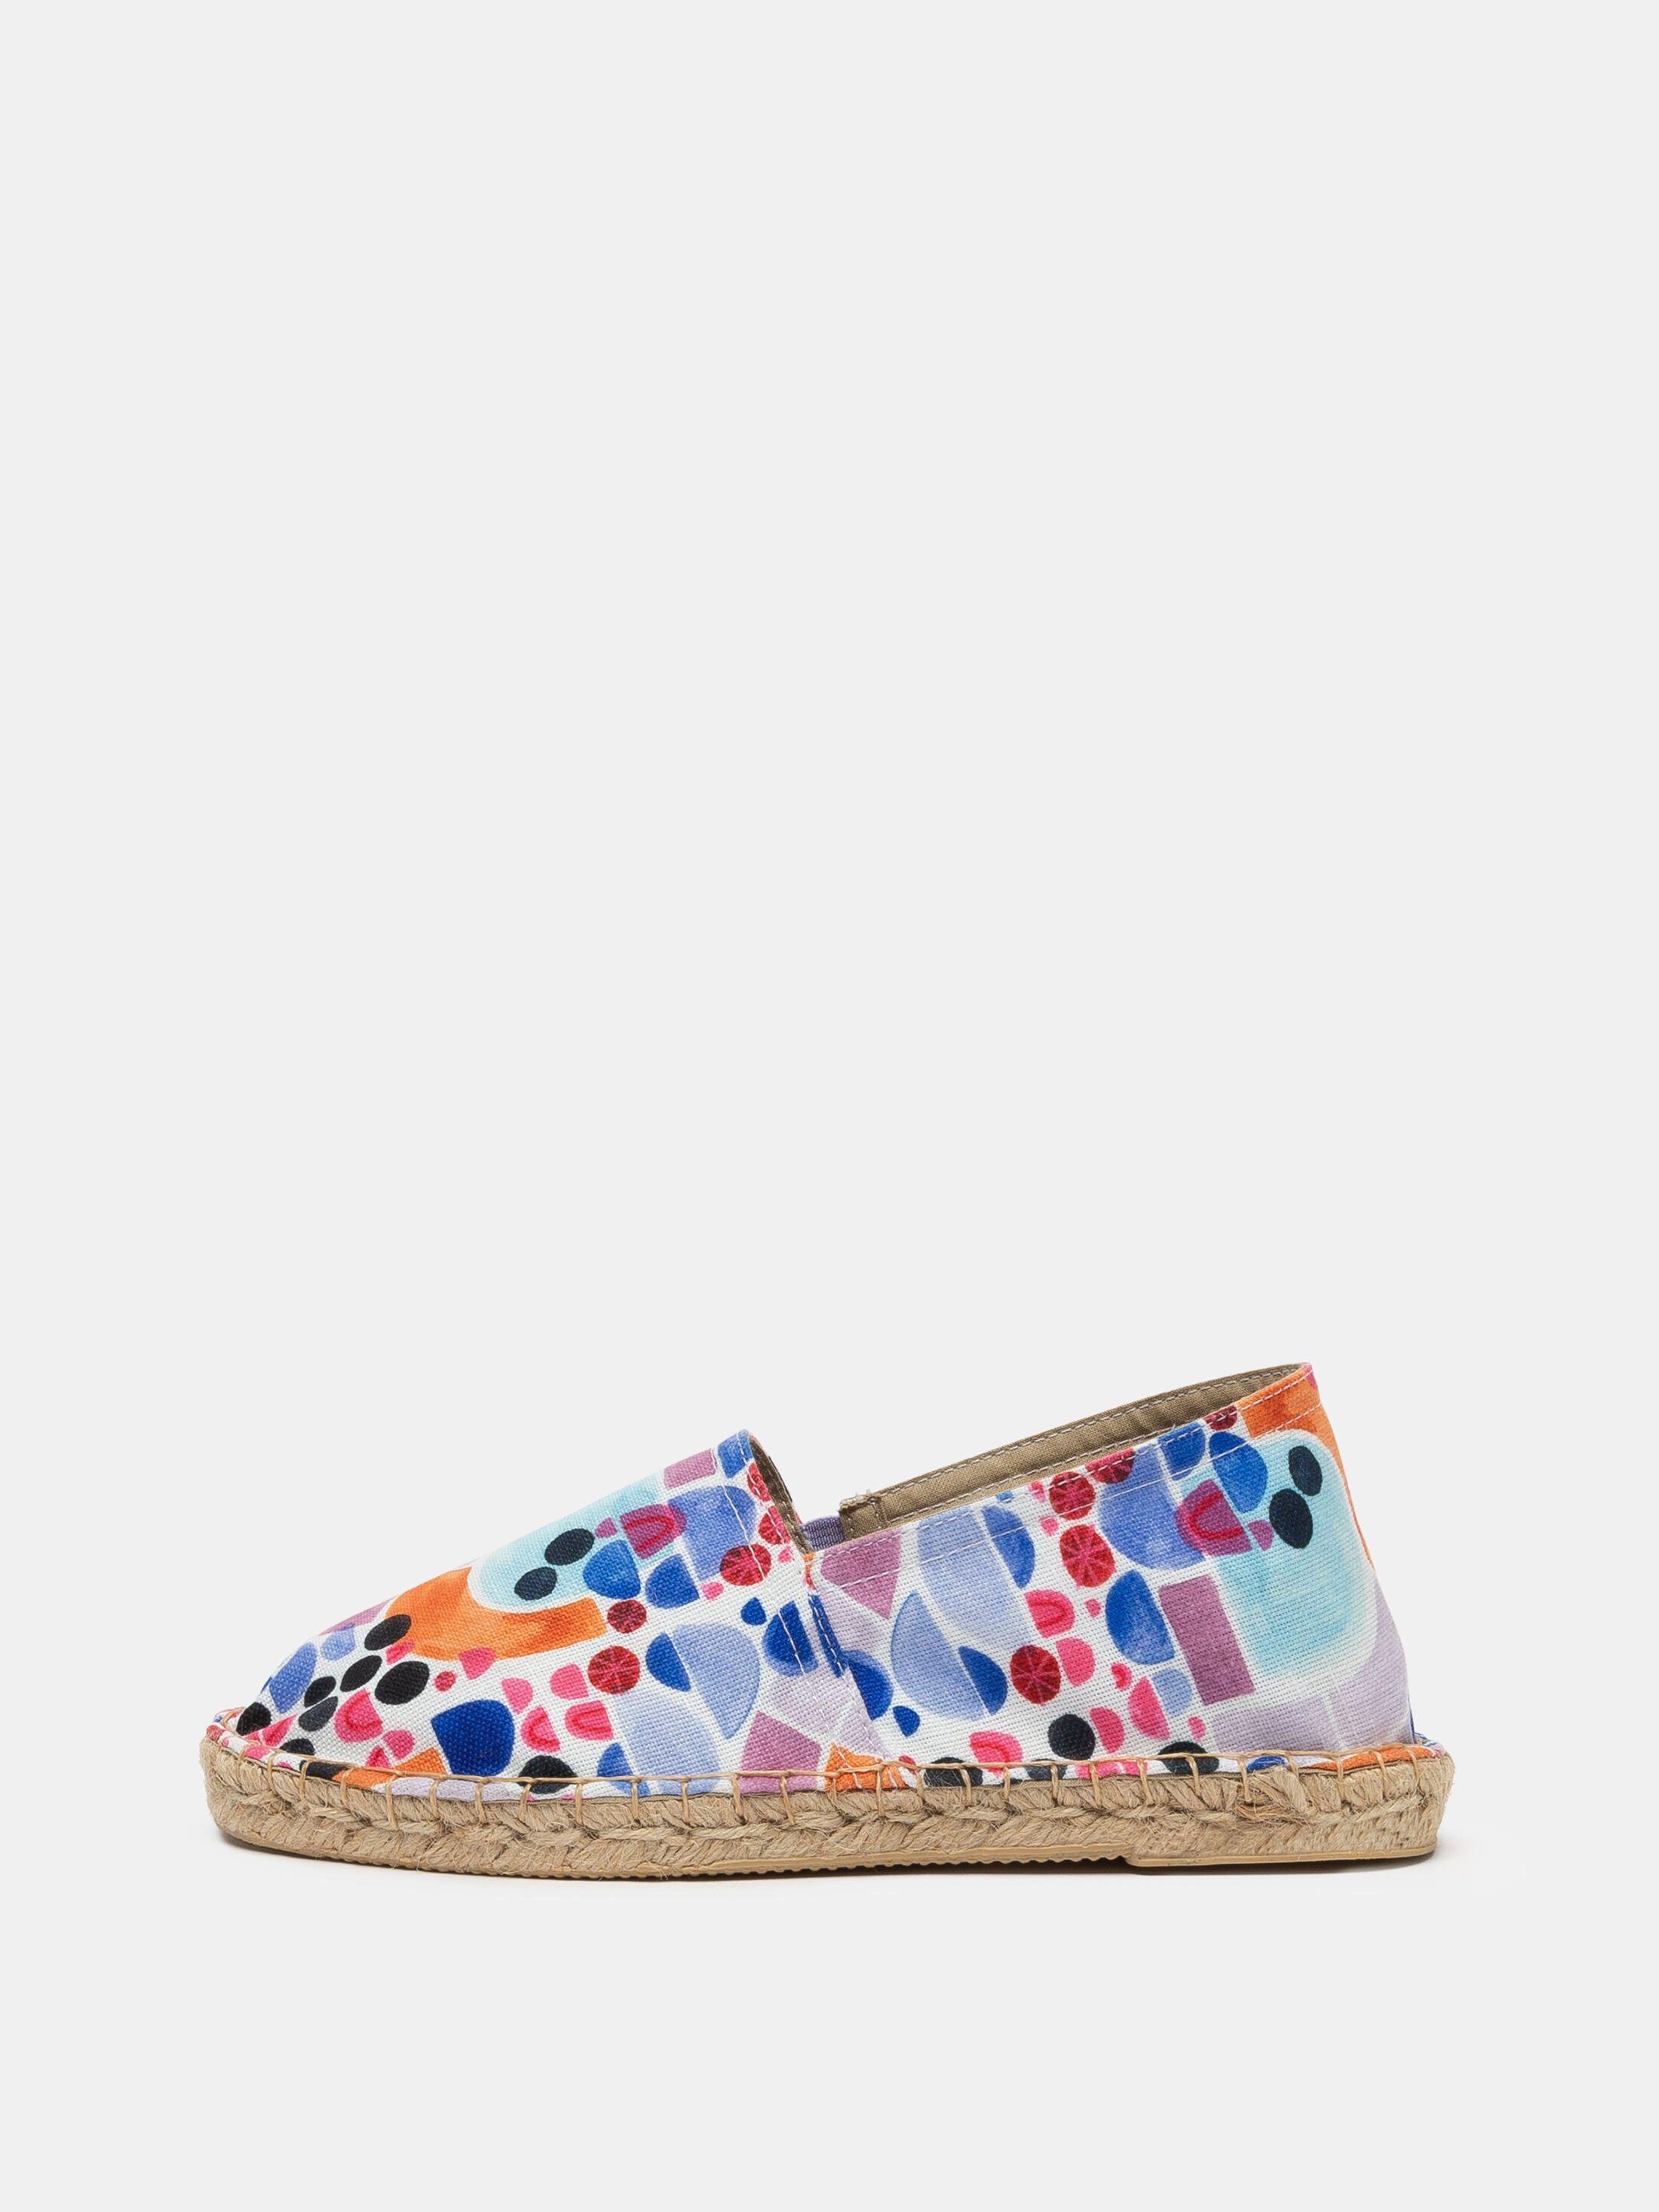 beach shoes detail